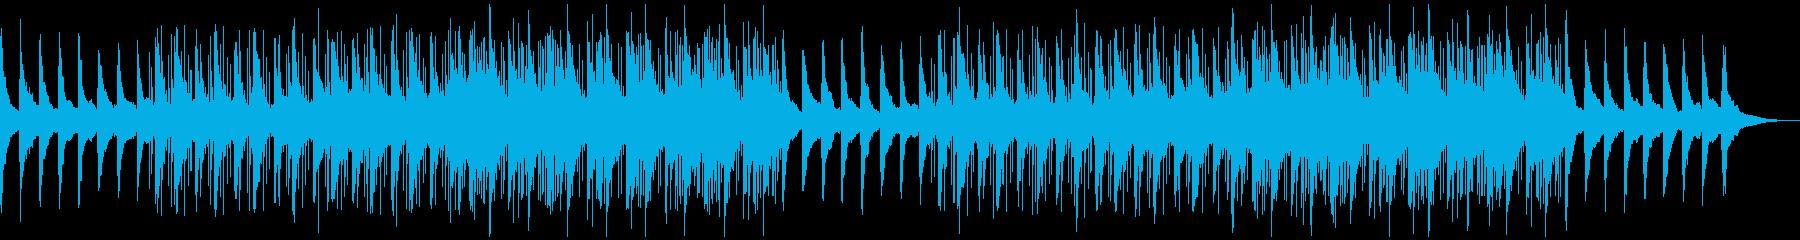 チルアウト、ローファイ、ピアノ、ラウンジの再生済みの波形